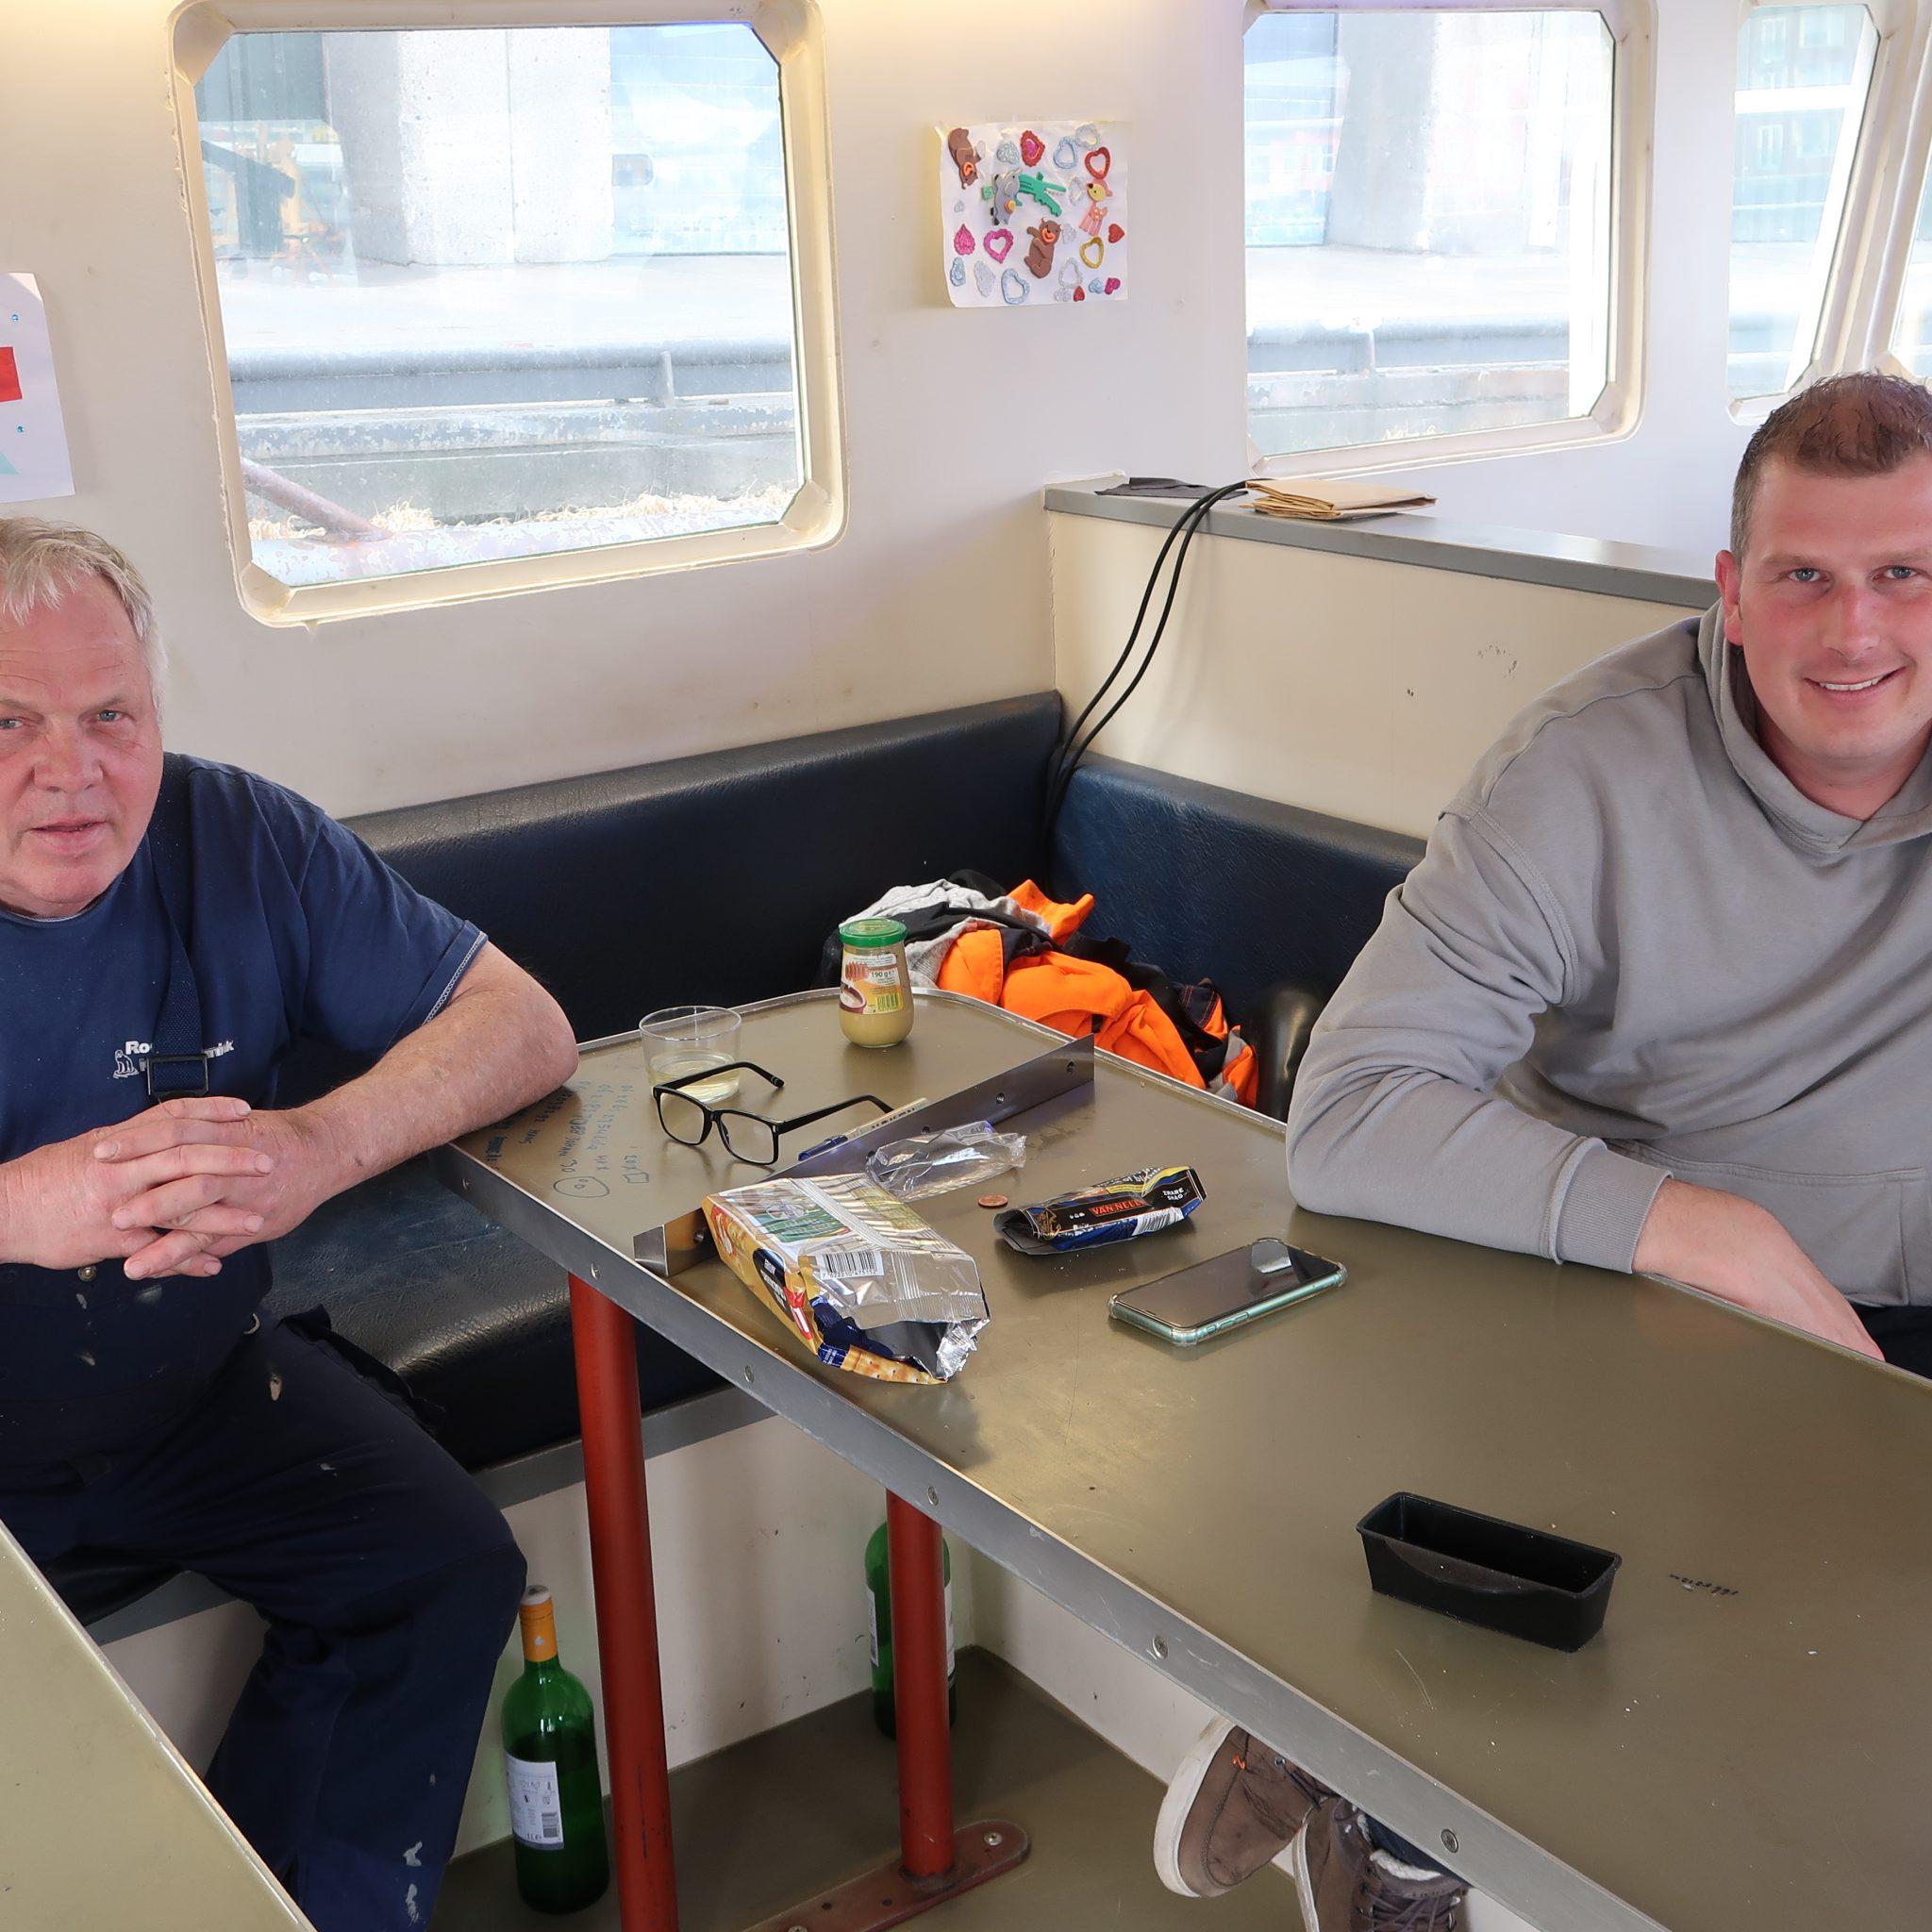 Koeltechnisch installateur Bert Roeleveld (links) en schipper Gerard van Elst zien wel voordelen in het invriezen van schol aan boord. (Foto W.M. den Heijer)